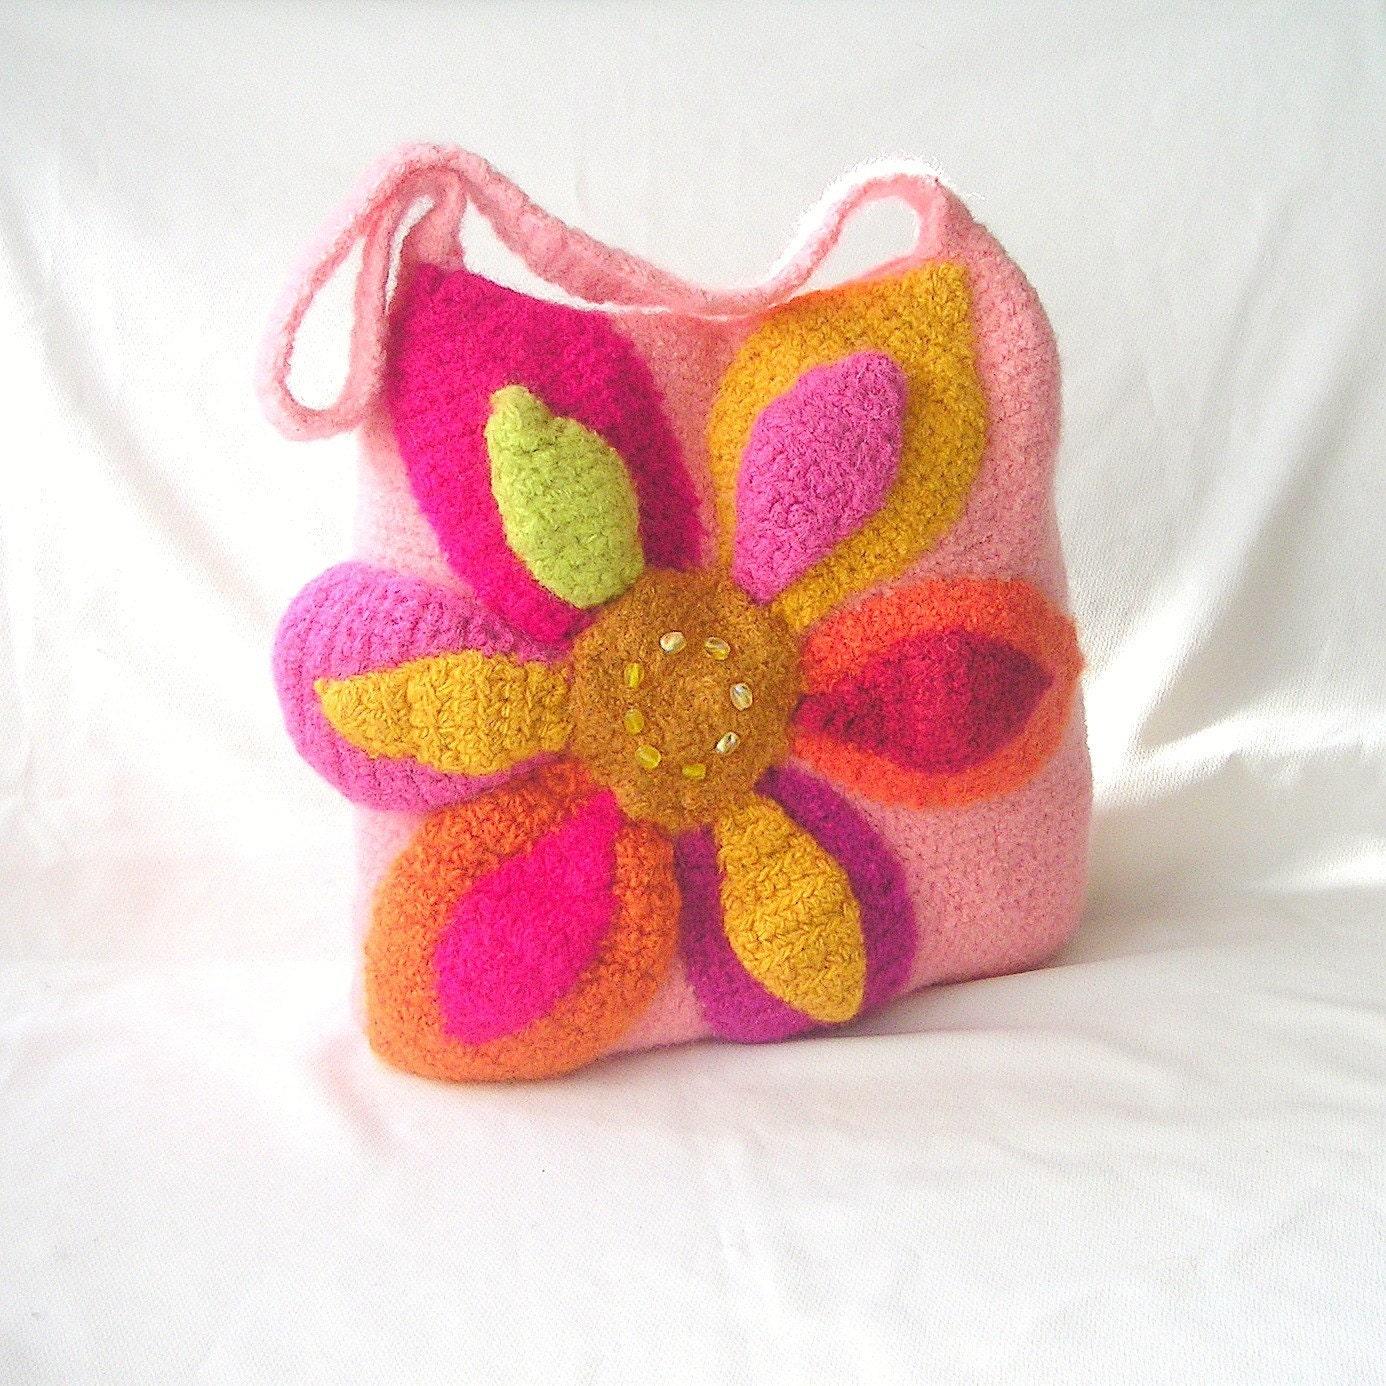 Crochet Bag Felt Pattern : Hello Sunshine Felted Flower Bag Crochet by ...